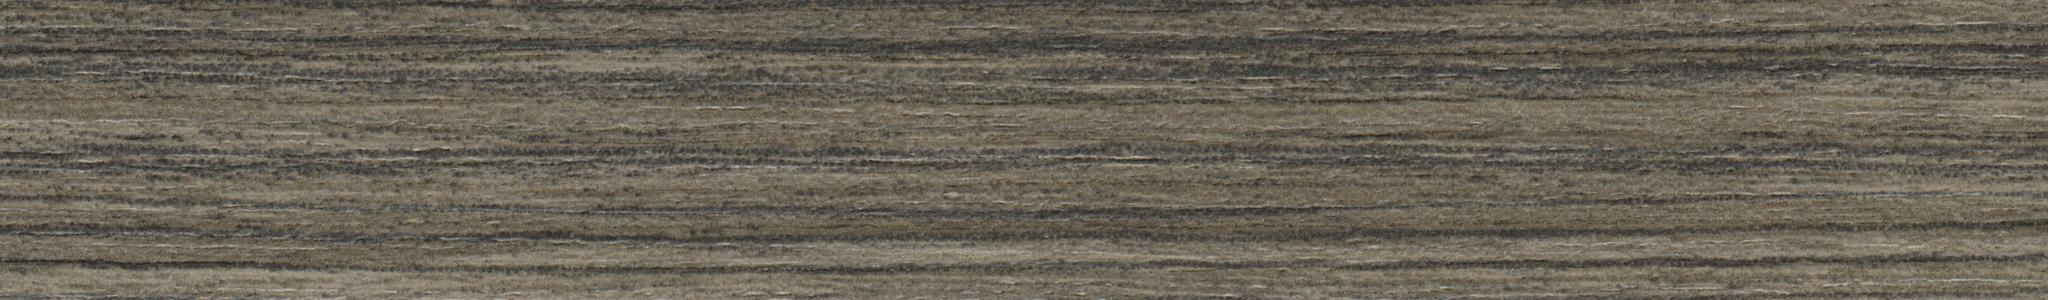 HD 293092 ABS Kante Dekor Driftwood Pore